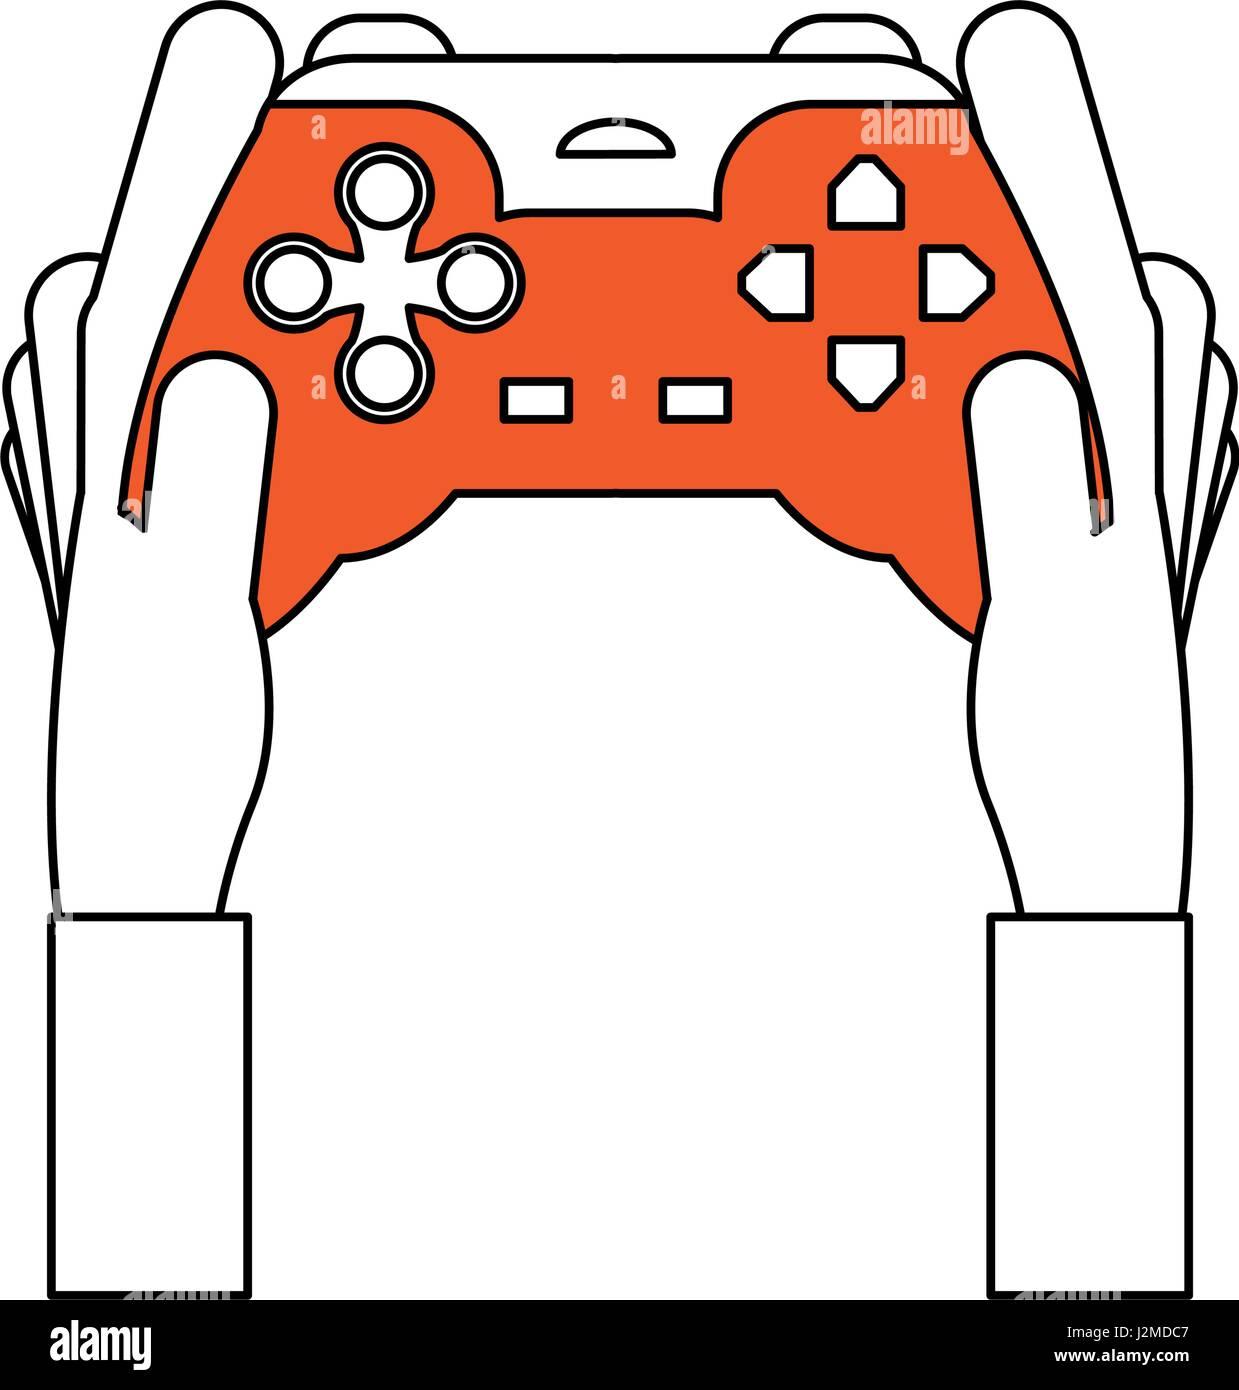 Color De Dibujo Silueta De Manos Sosteniendo Un Mando Para Juegos De